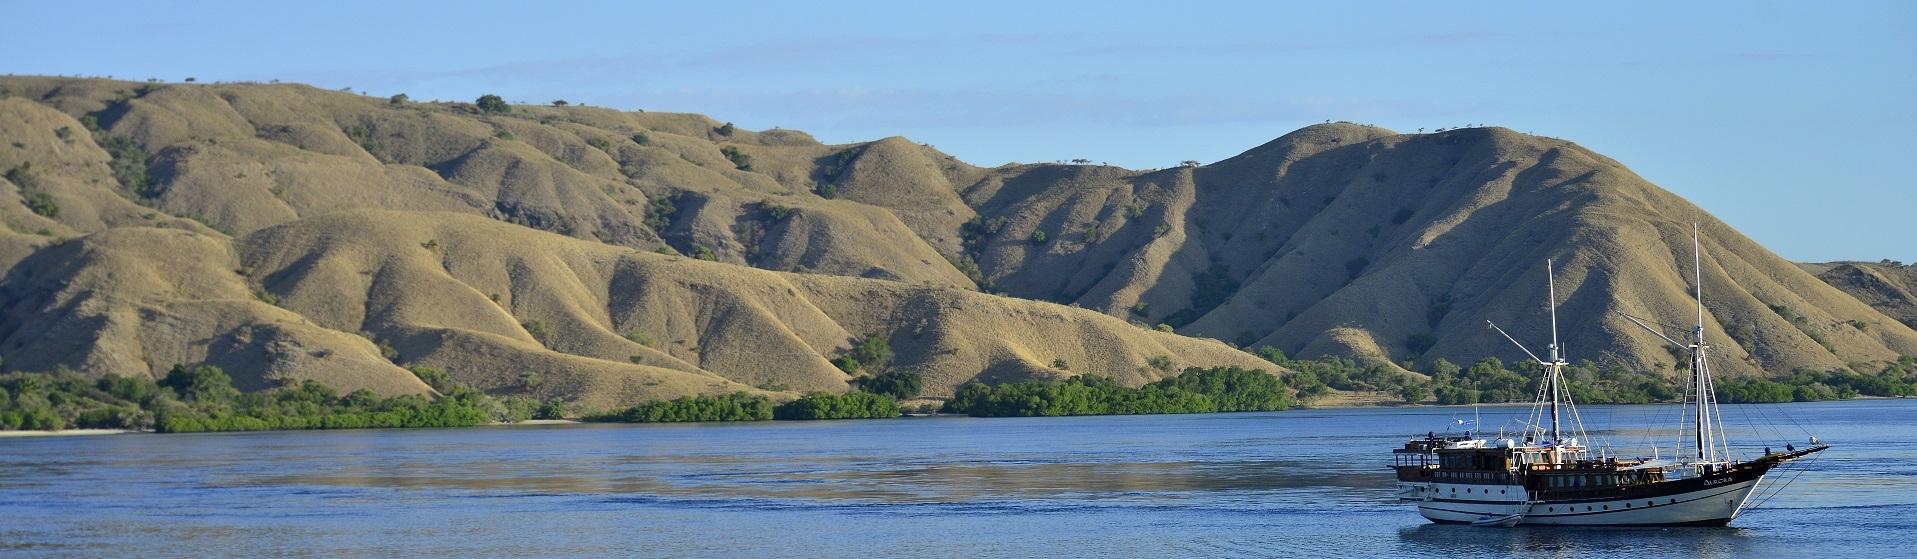 Parco Nazionale Komodo